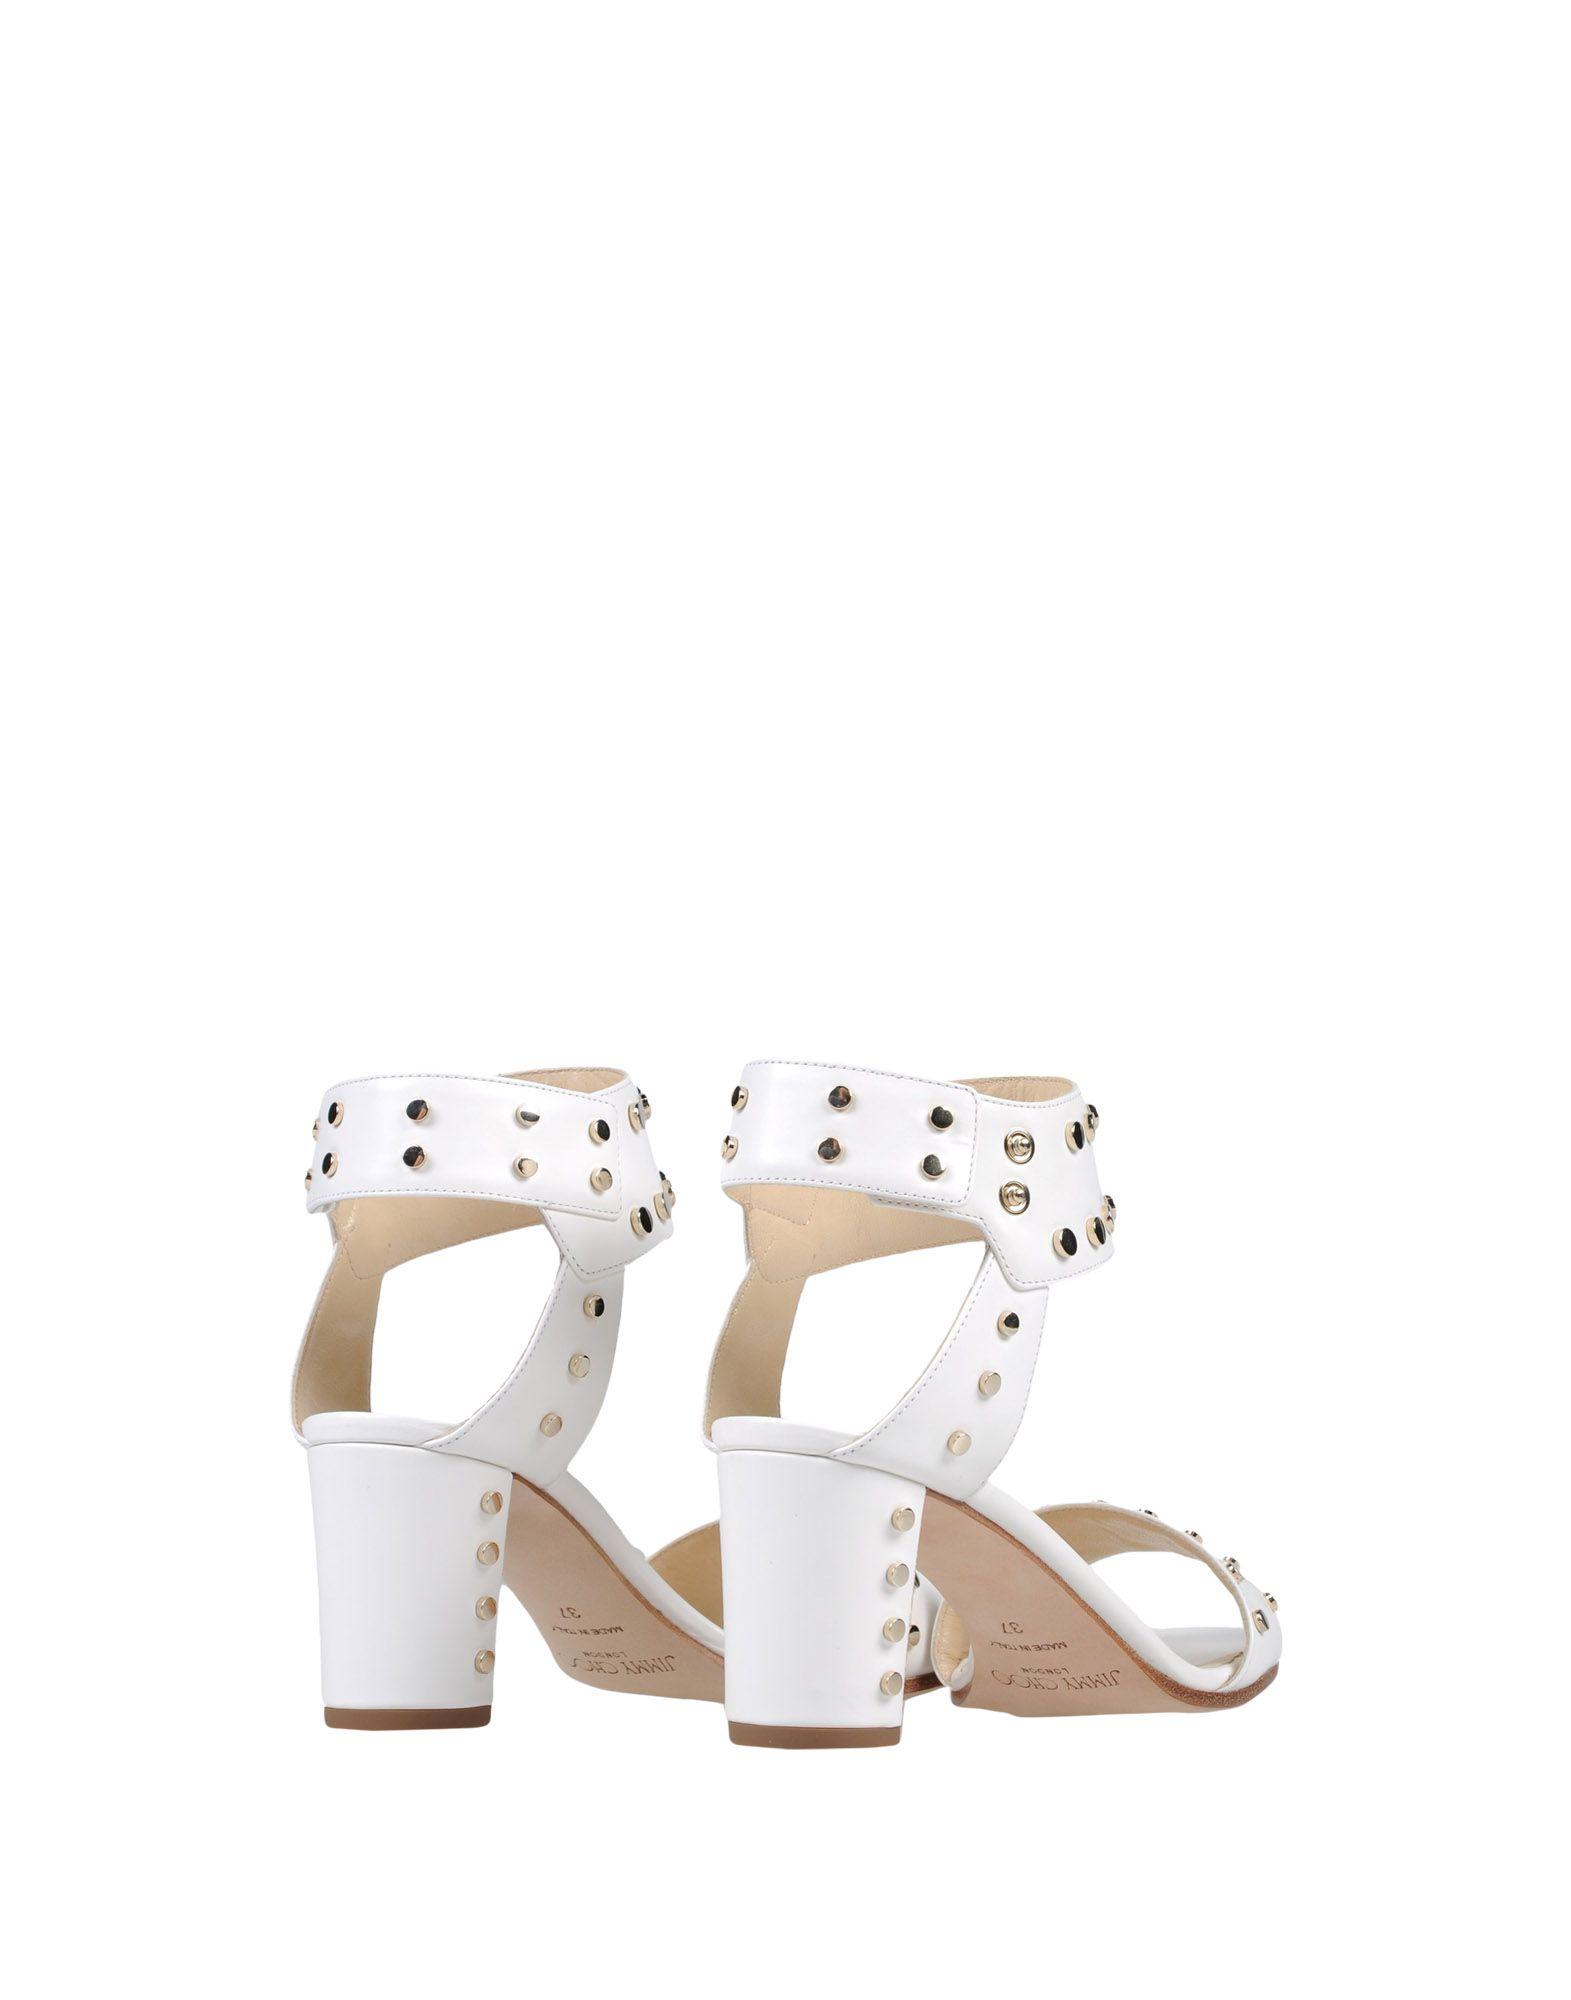 Sandales Jimmy Choo Femme - Sandales Jimmy Choo sur